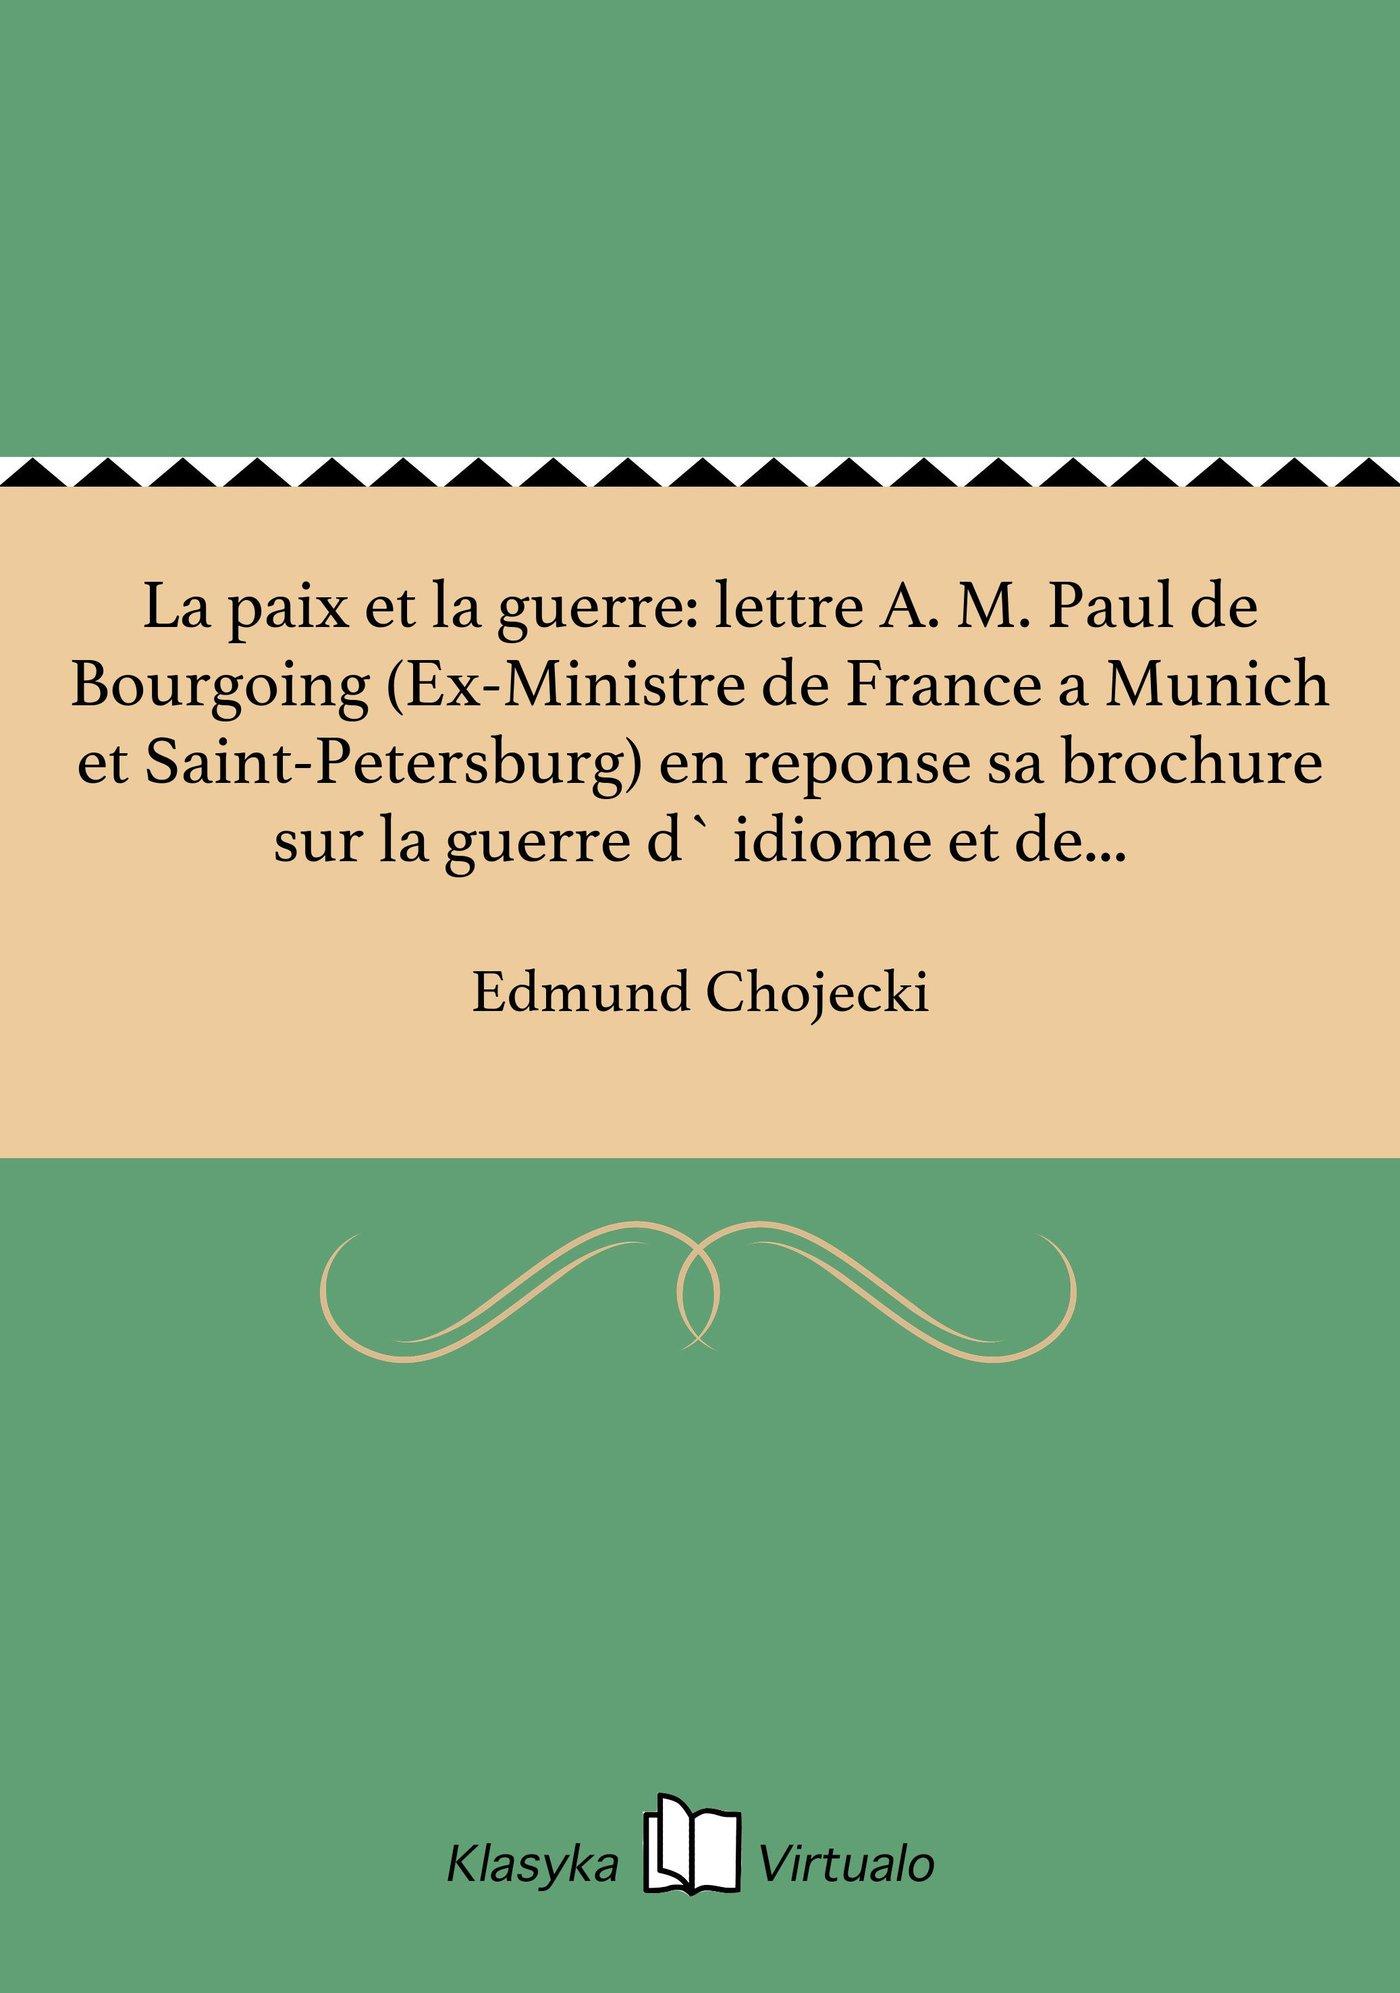 La paix et la guerre: lettre A. M. Paul de Bourgoing (Ex-Ministre de France a Munich et Saint-Petersburg) en reponse sa brochure sur la guerre d` idiome et de nationalite - Ebook (Książka EPUB) do pobrania w formacie EPUB